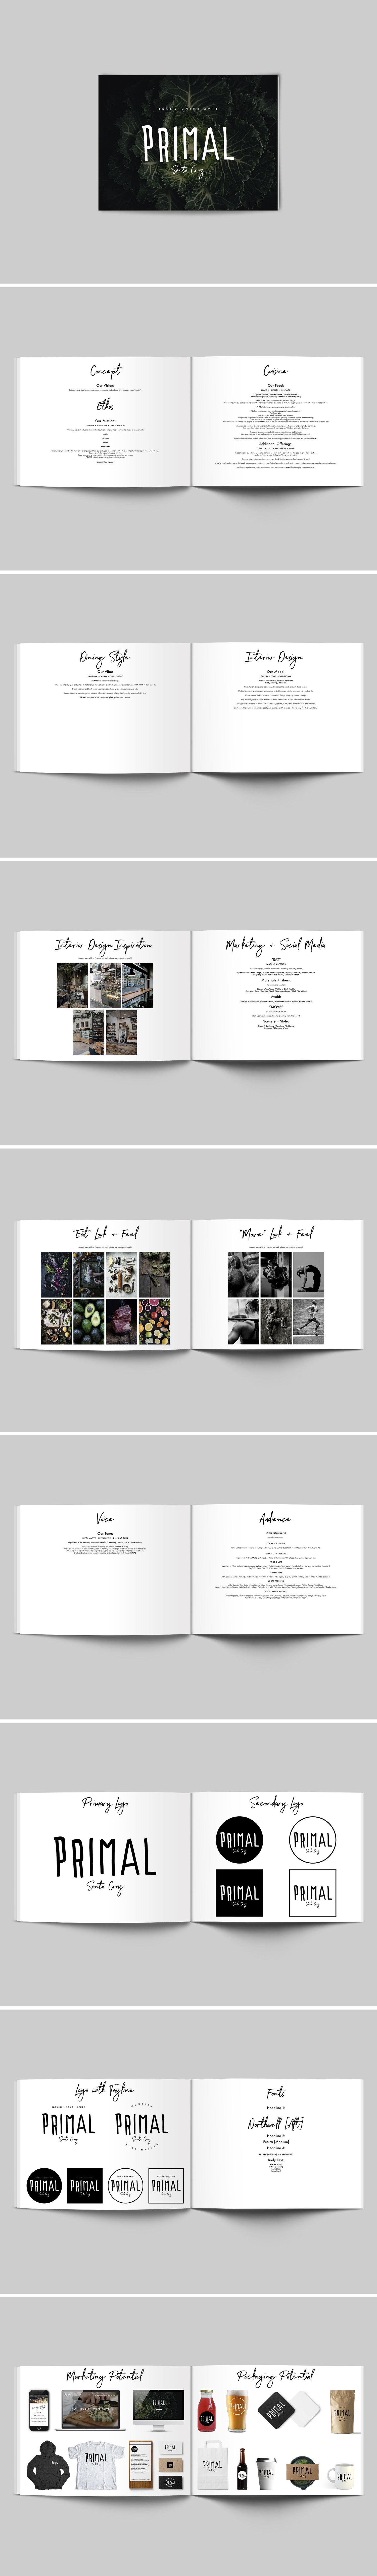 Branding Gallery — DOREY KRONICK